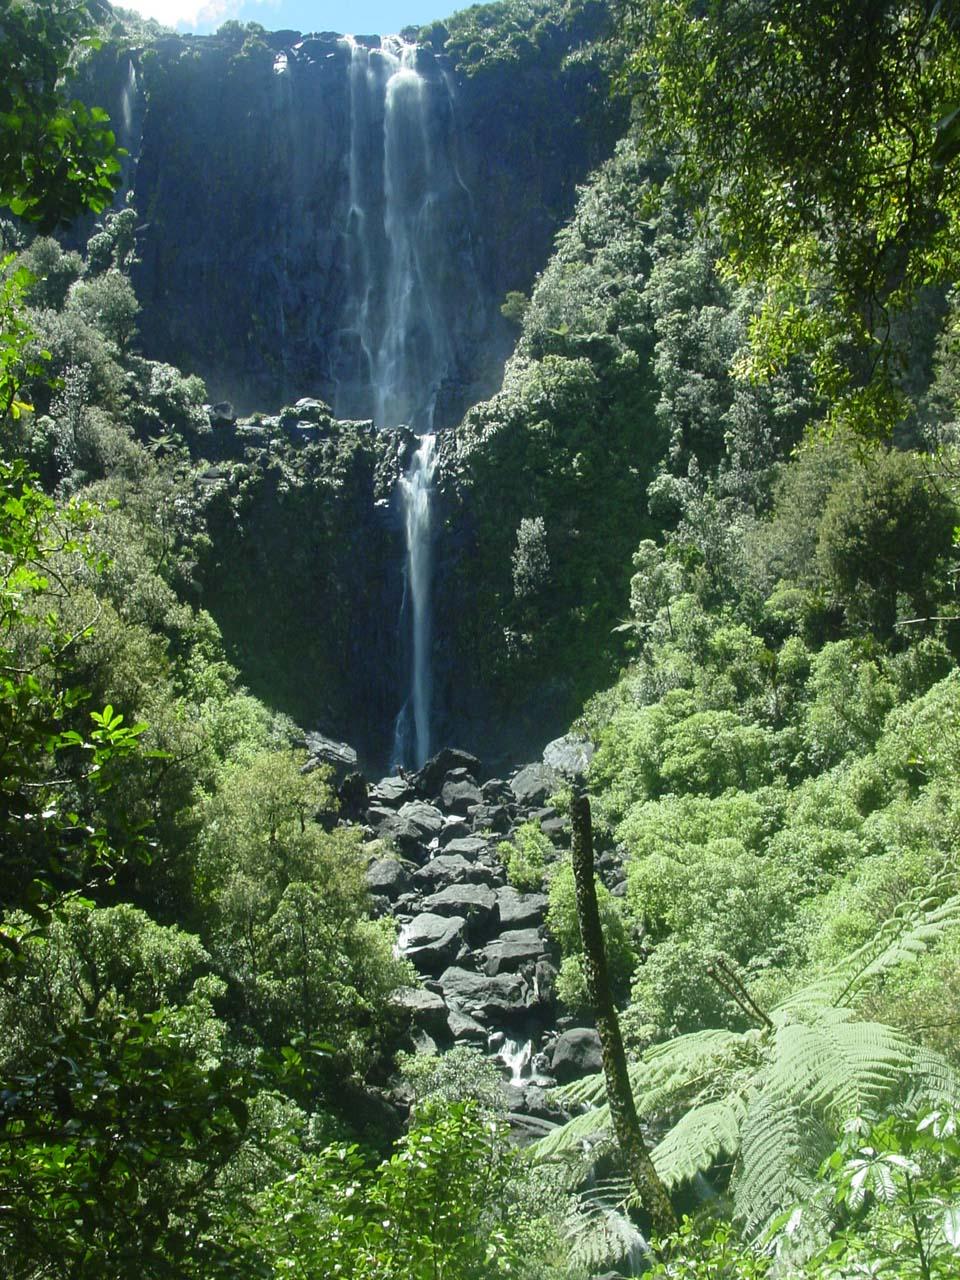 A photograph taken of a waterfall under sun